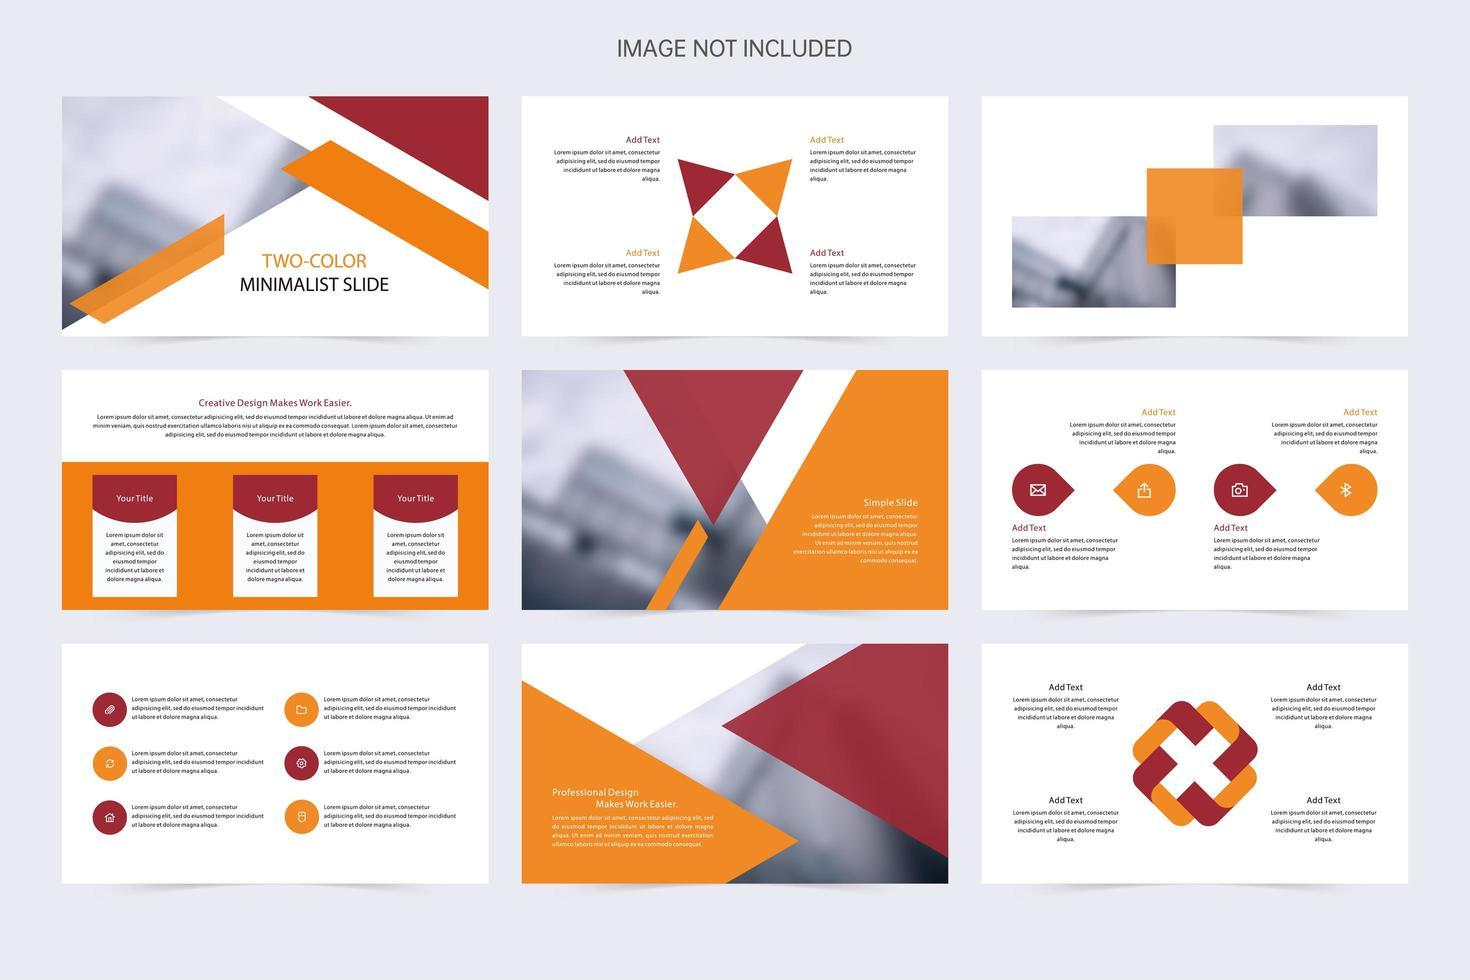 rode en oranje minimalistische presentatiediavoorstelling vector